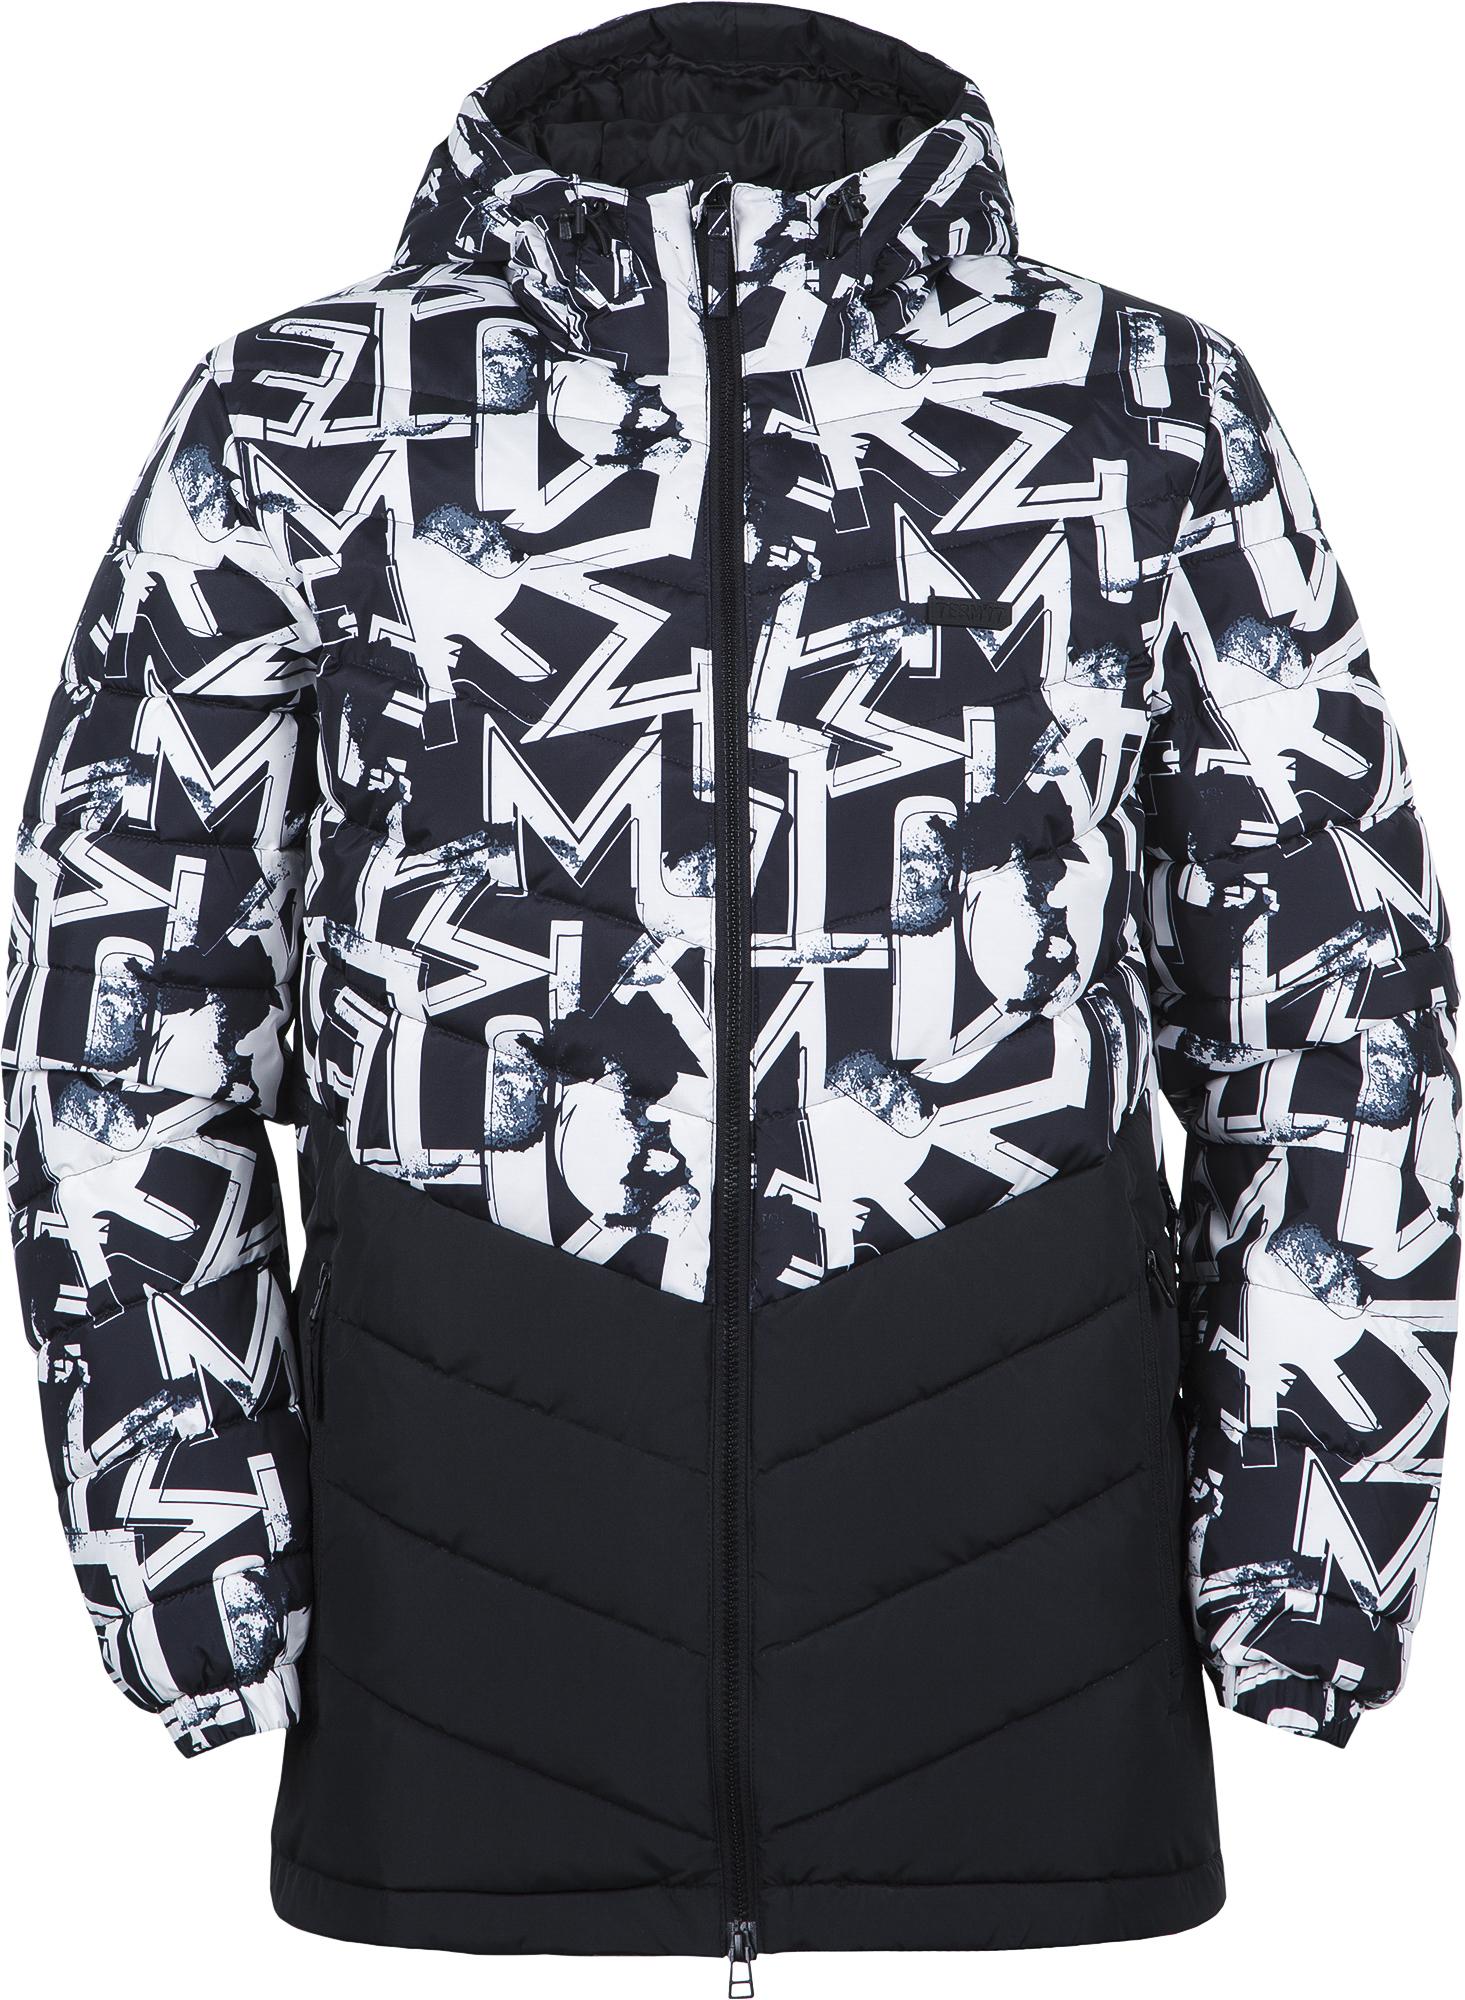 Termit Куртка пуховая мужская Termit, размер 52